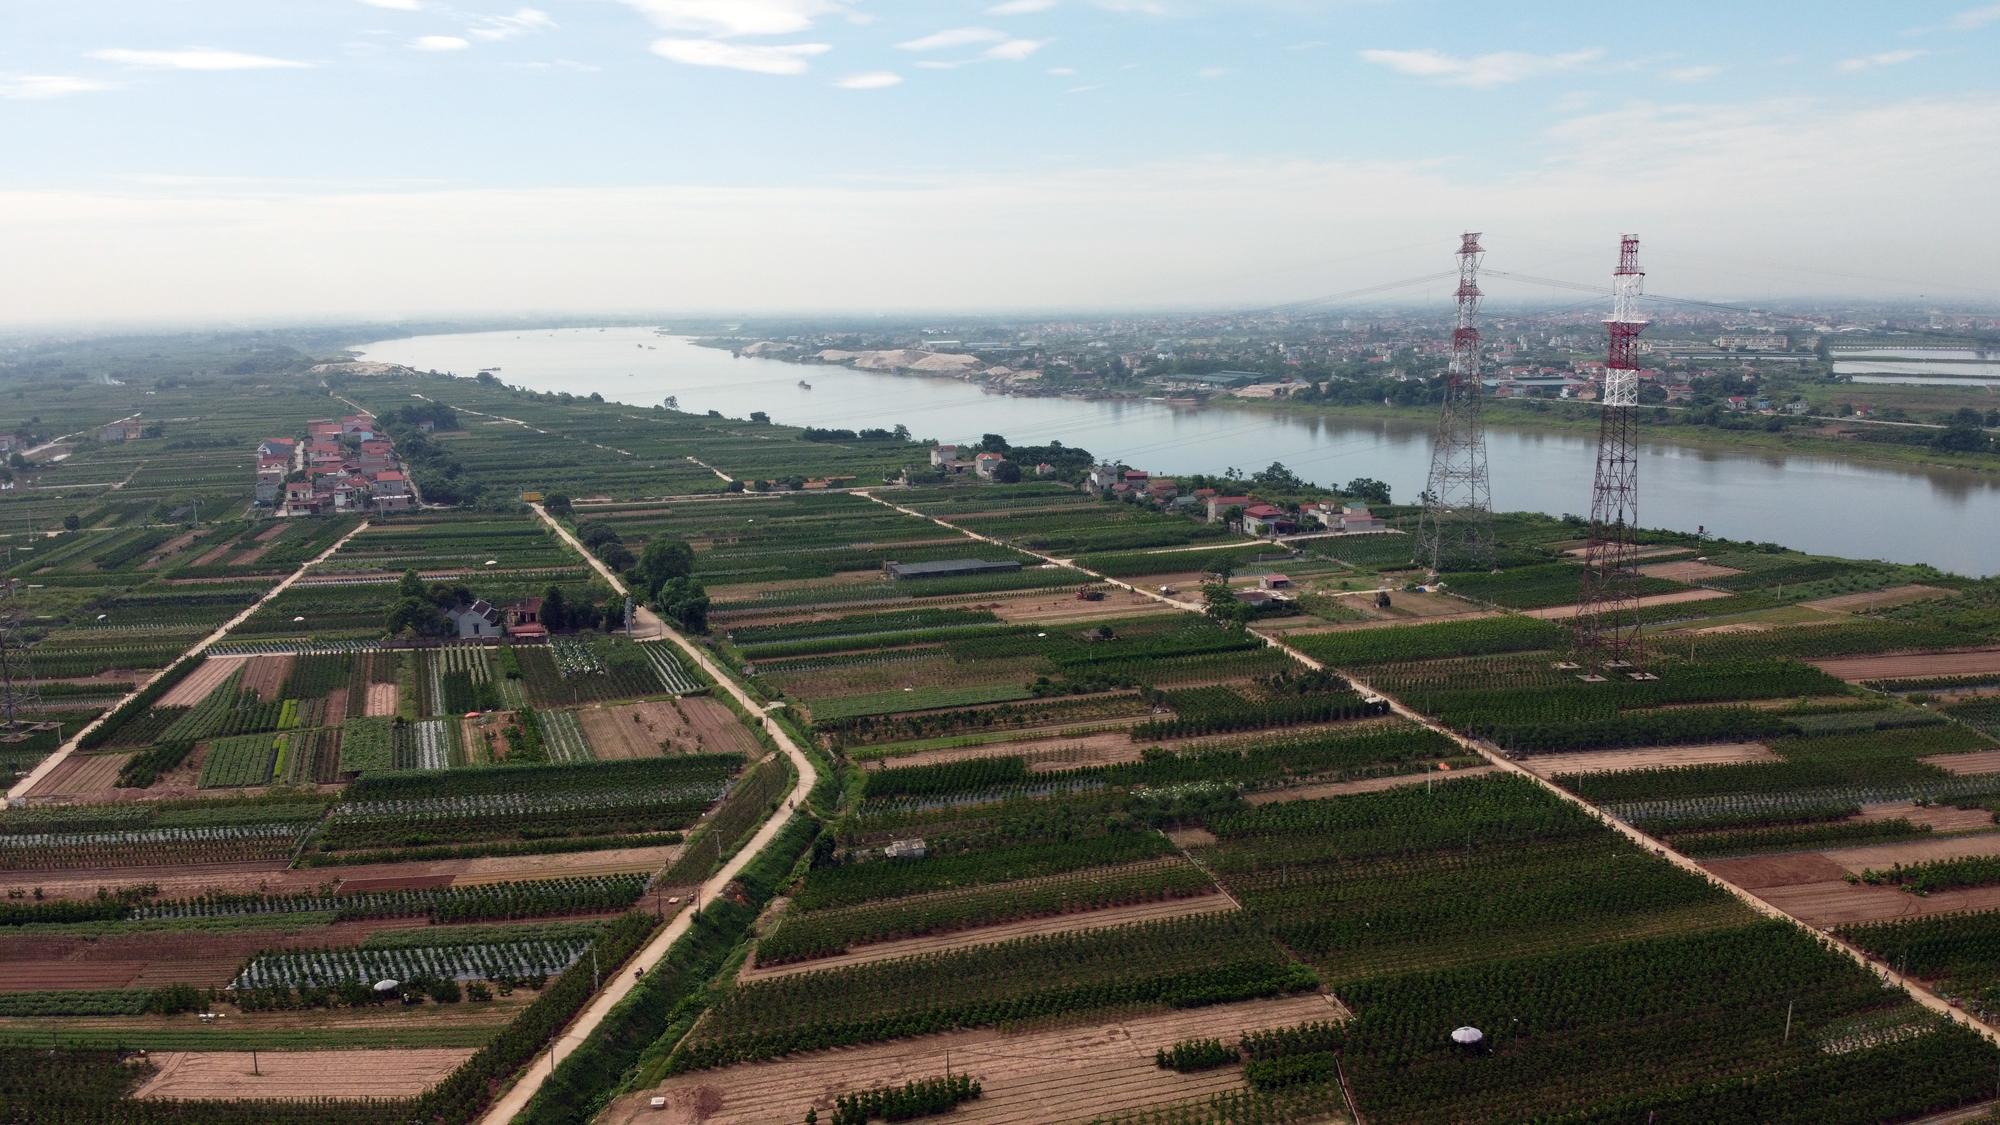 Cầu sẽ mở theo qui hoạch ở Hà Nội: Toàn cảnh vị trí làm cầu Mễ Sở nối Văn Giang - Thường Tín - Ảnh 9.